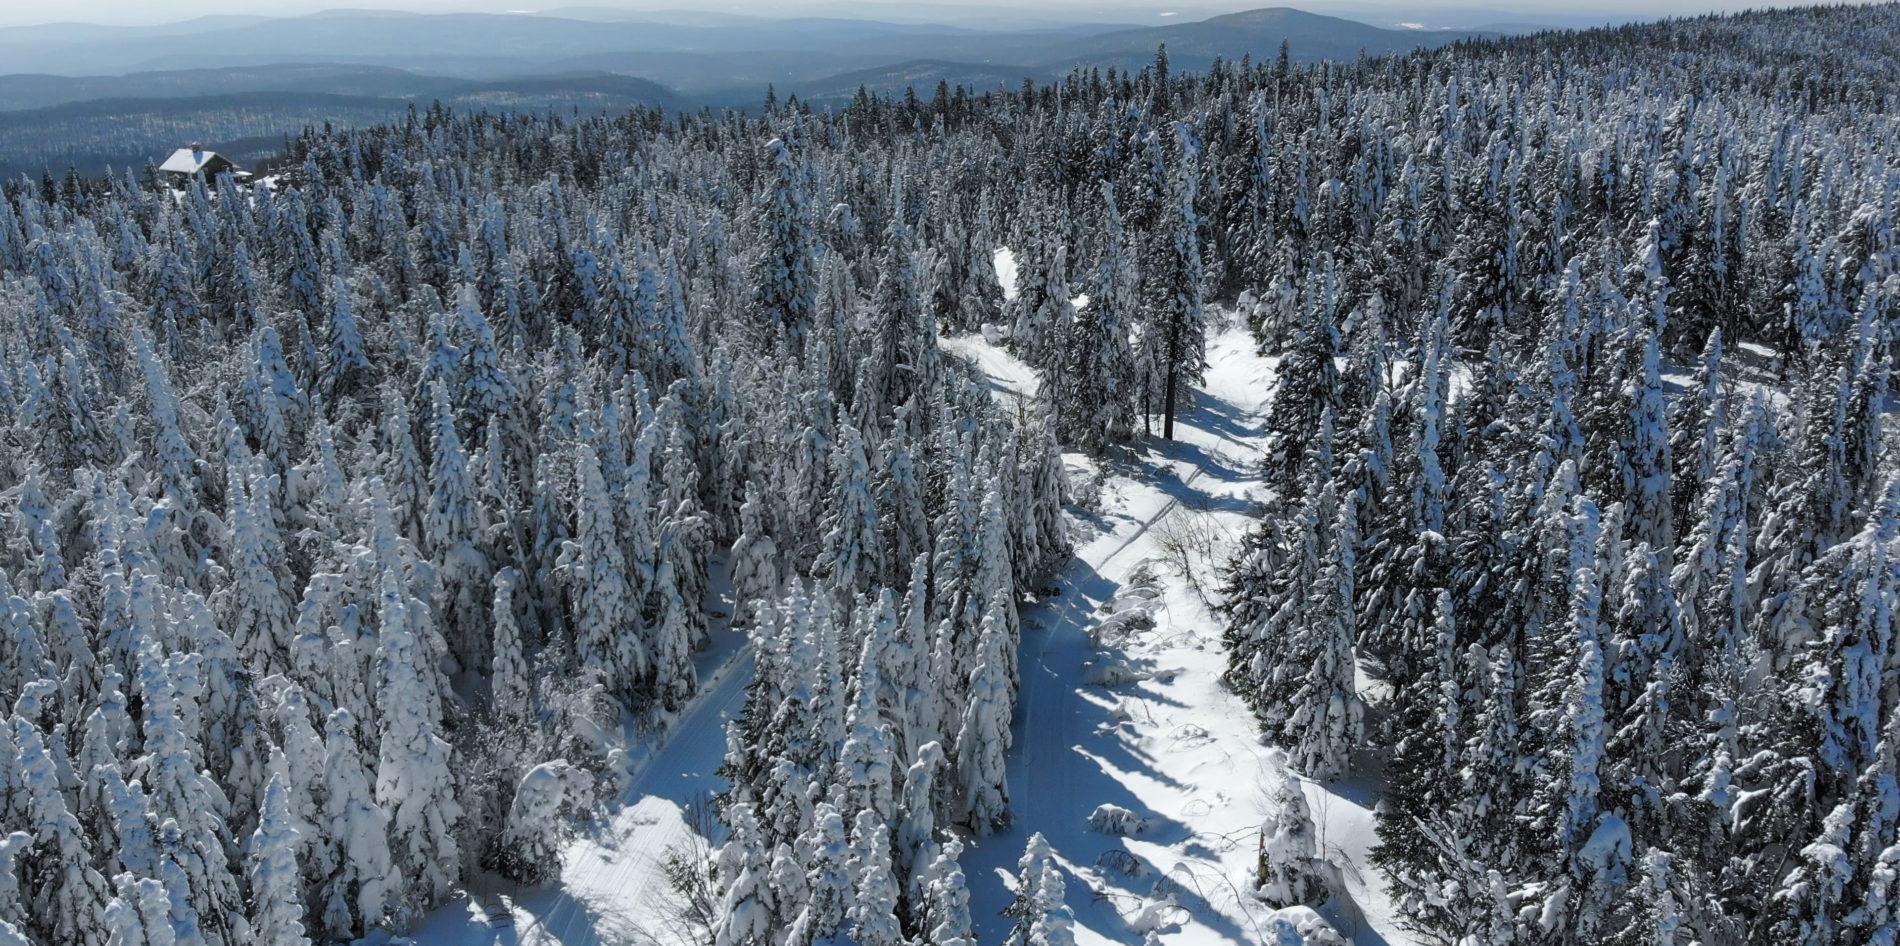 Montagne du diable, vue aérienne du relais